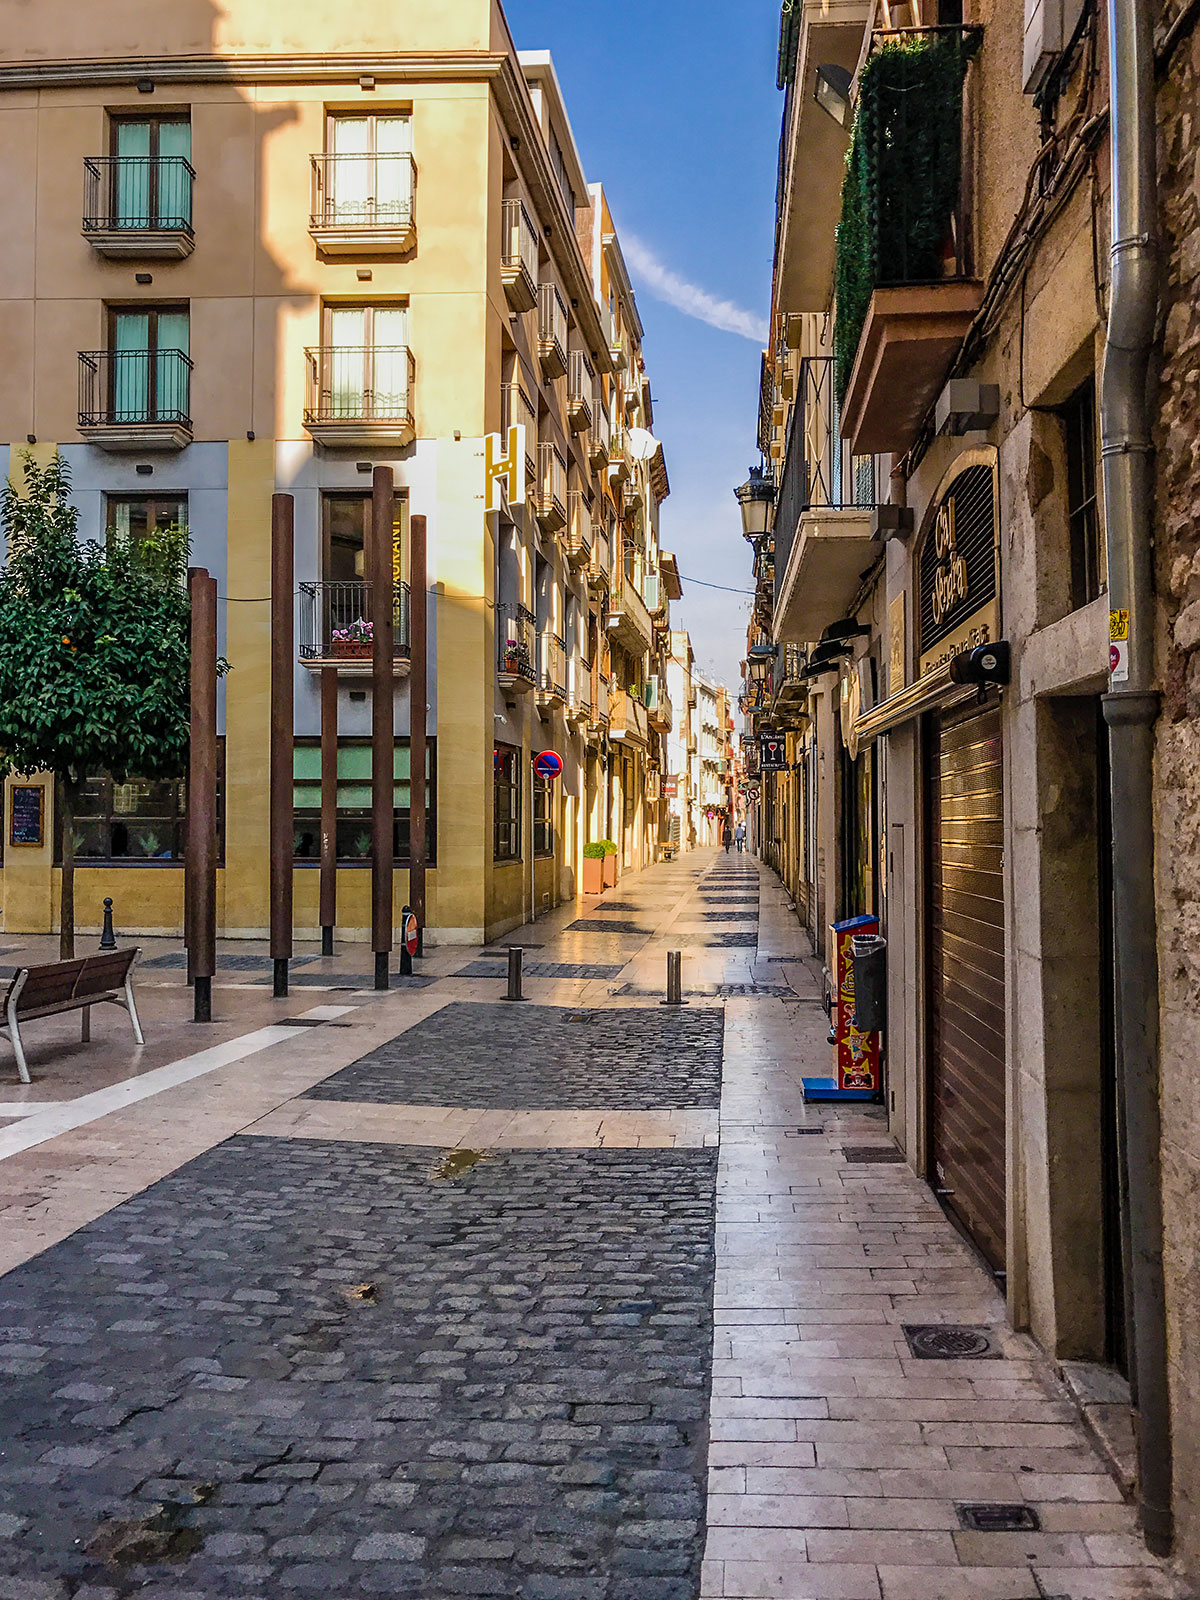 Spanien, Katalonien, Reus, Placa de les Peixateries